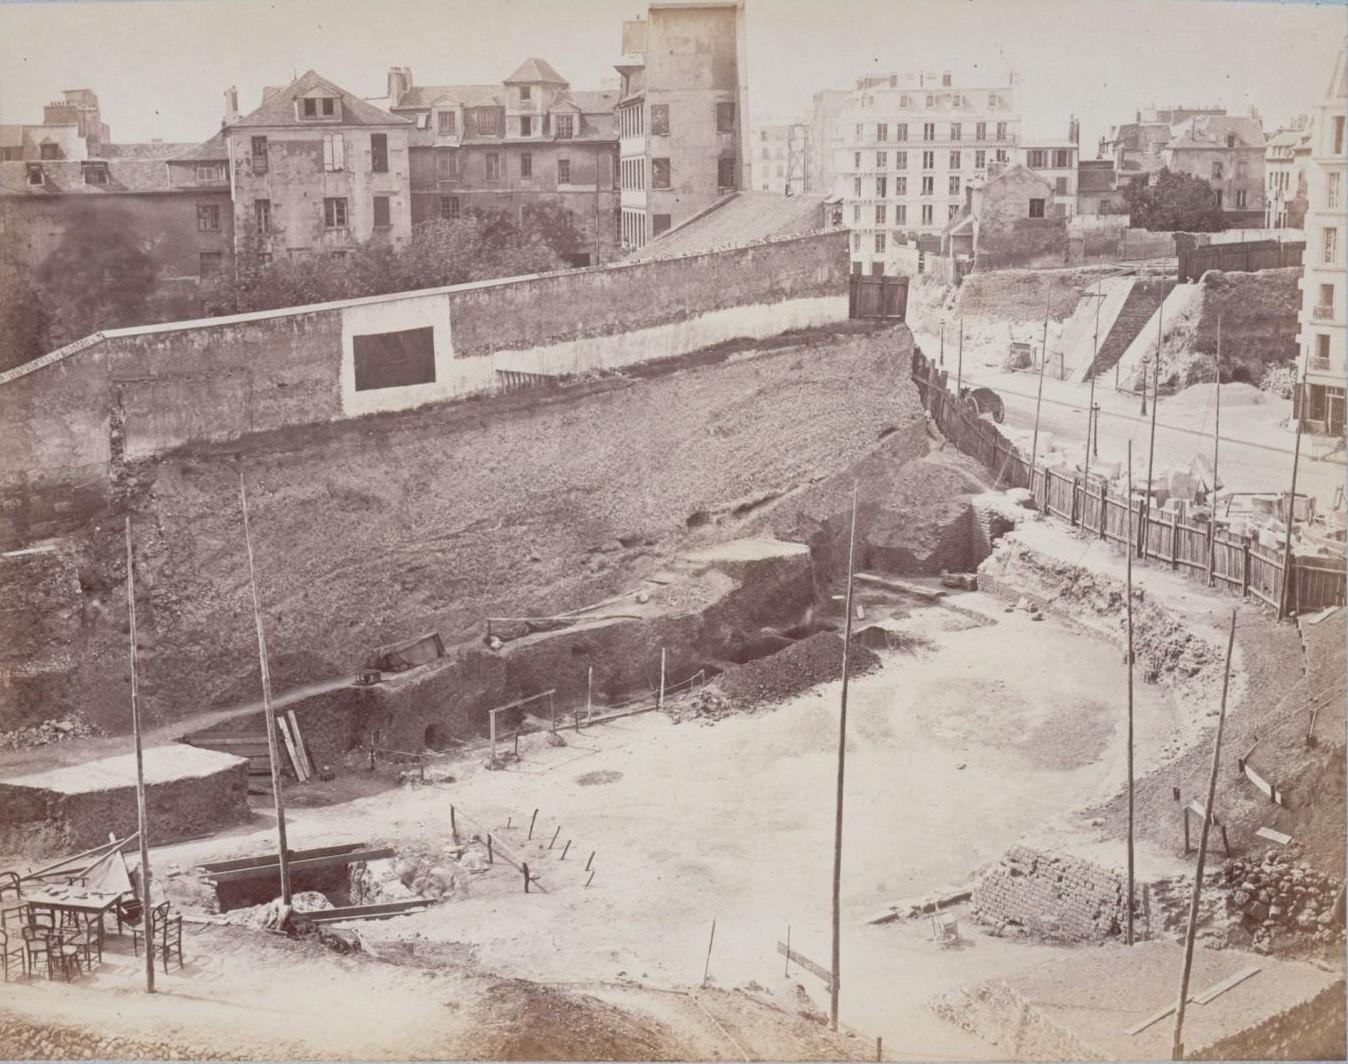 Рю де Аренас. Раскопки круговой стены с целлой. Вид из монастыря. 1883